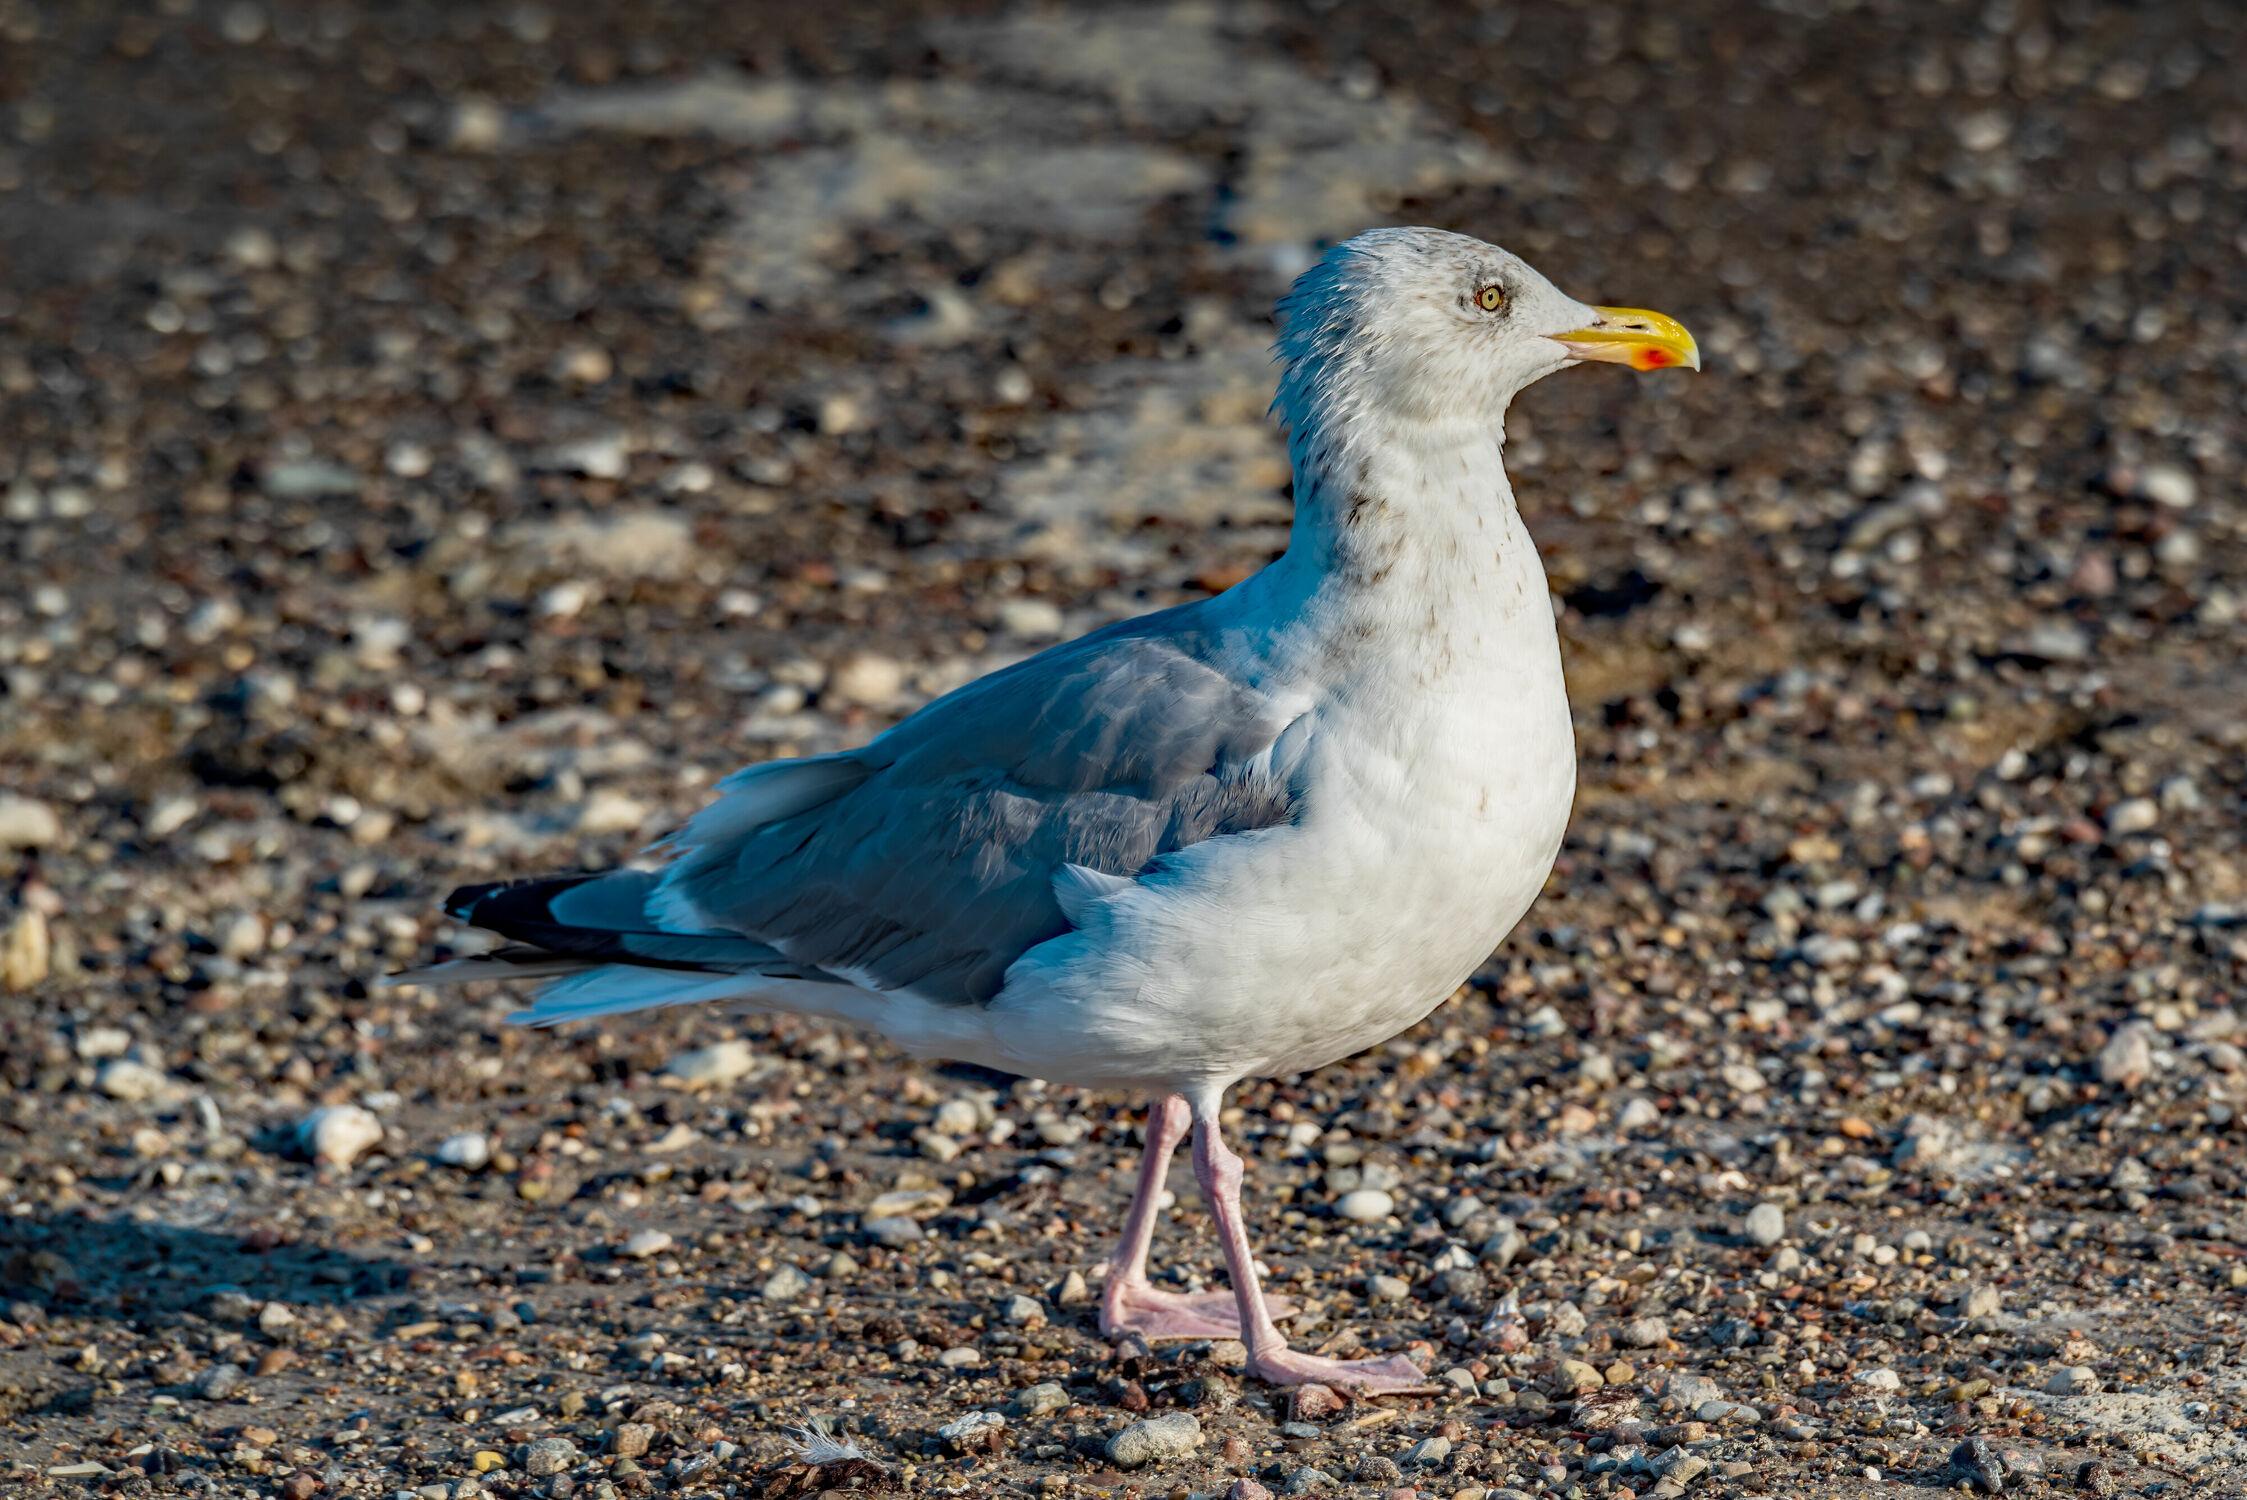 Bild mit Tiere, Vögel, Strand, Meer, Möwe, Auge, Blick, Gefieder, Meeresbewohner, Seevogel